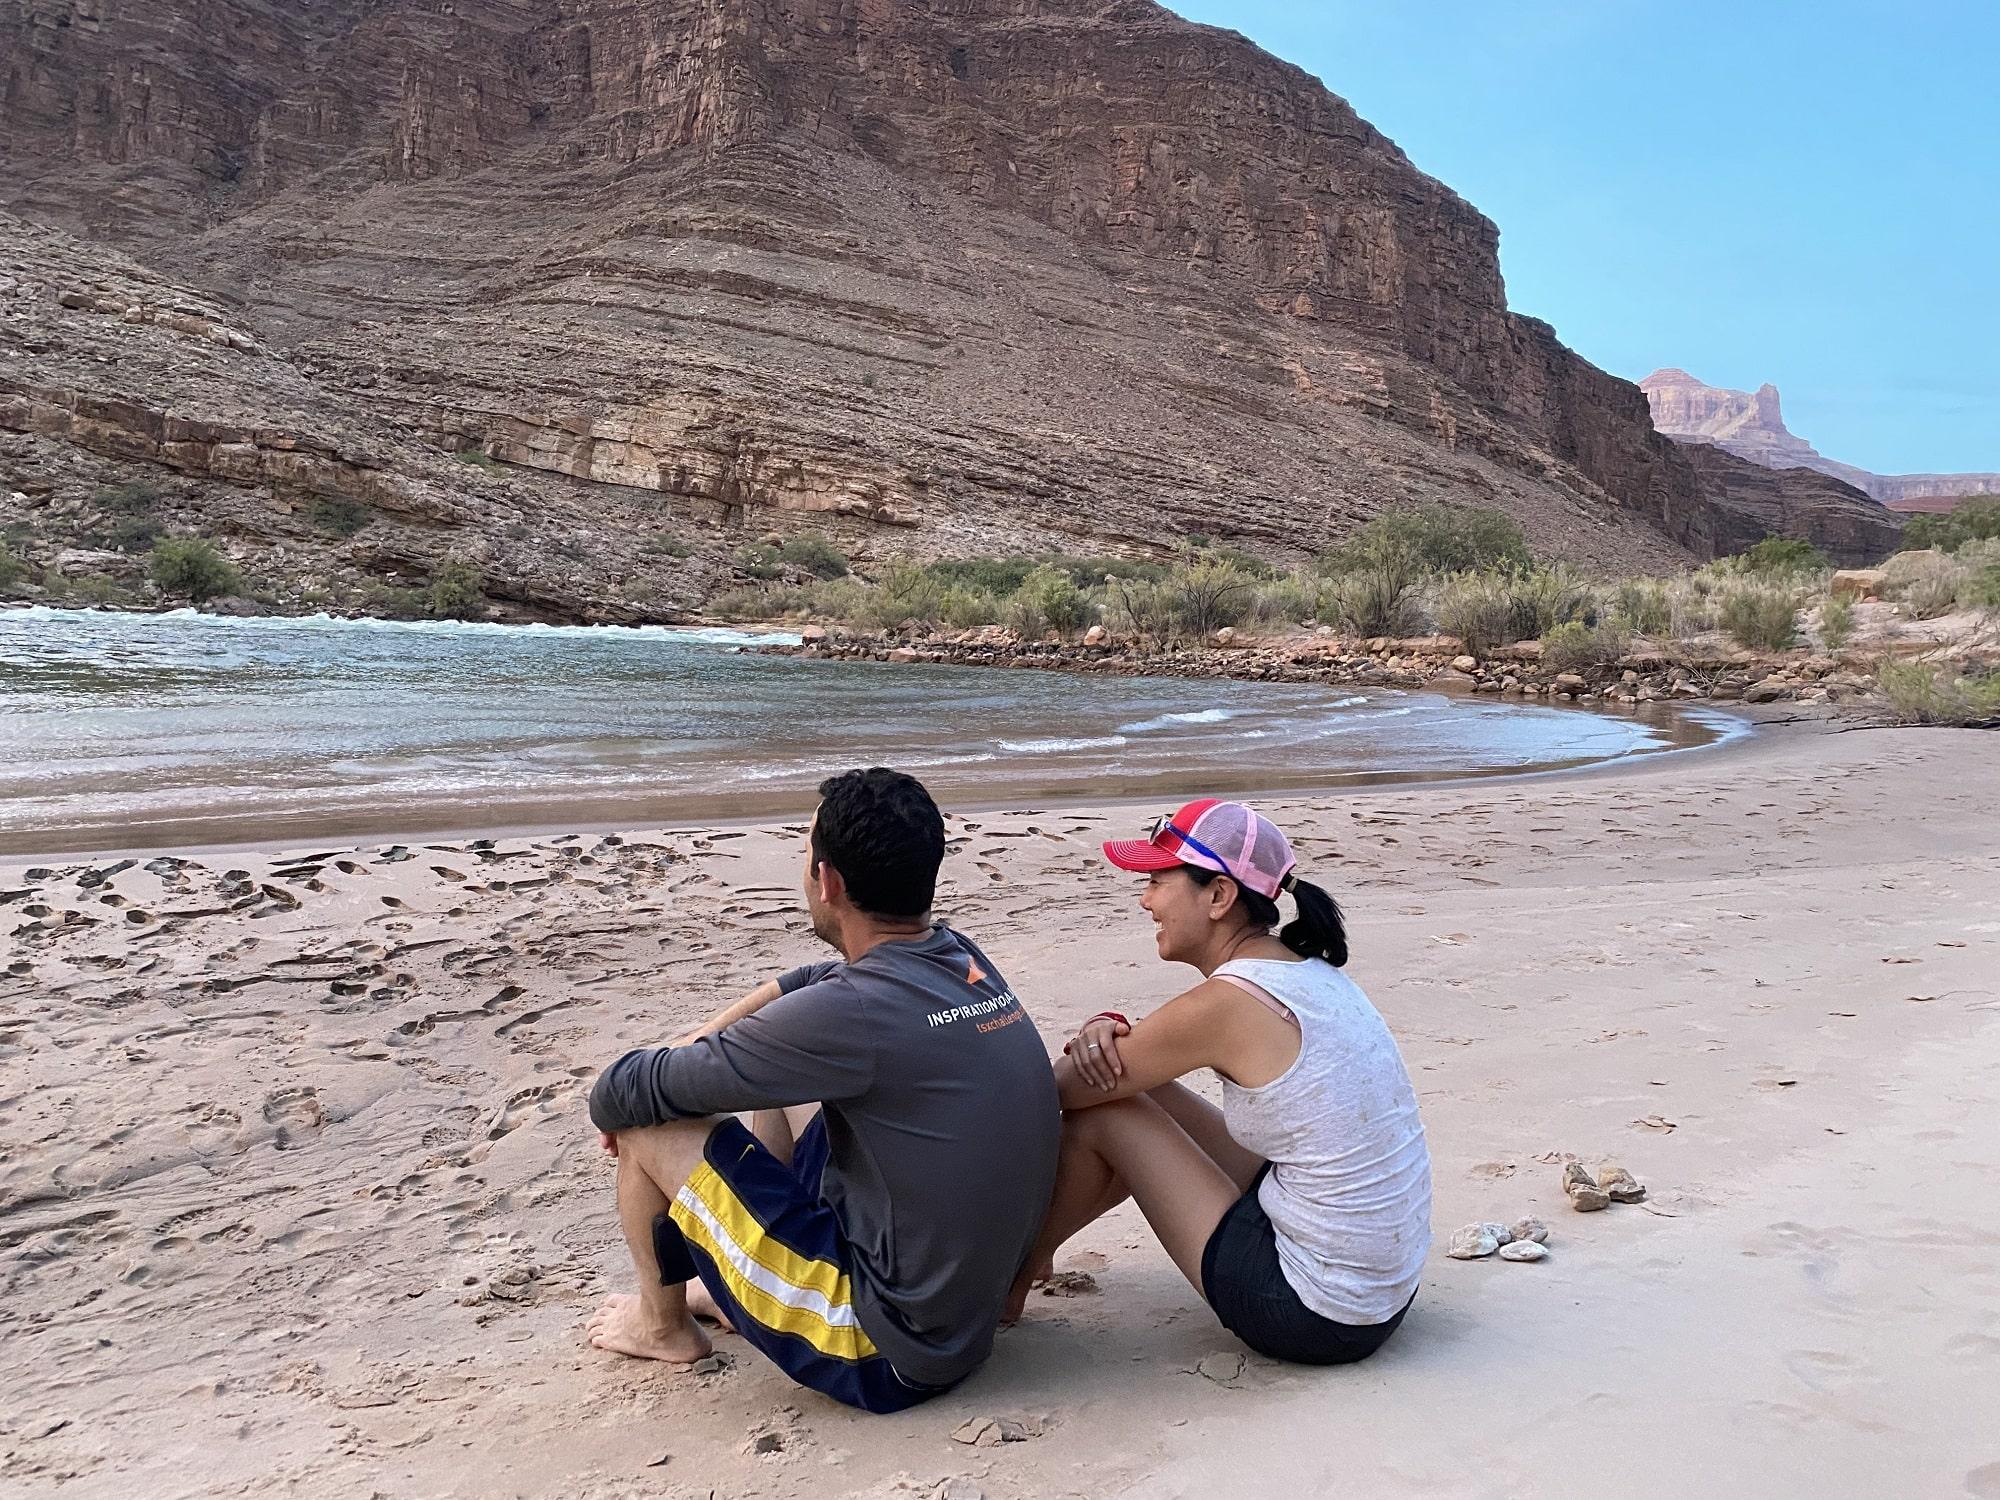 beach at escalante creek on escalante route - grand canyon challenge